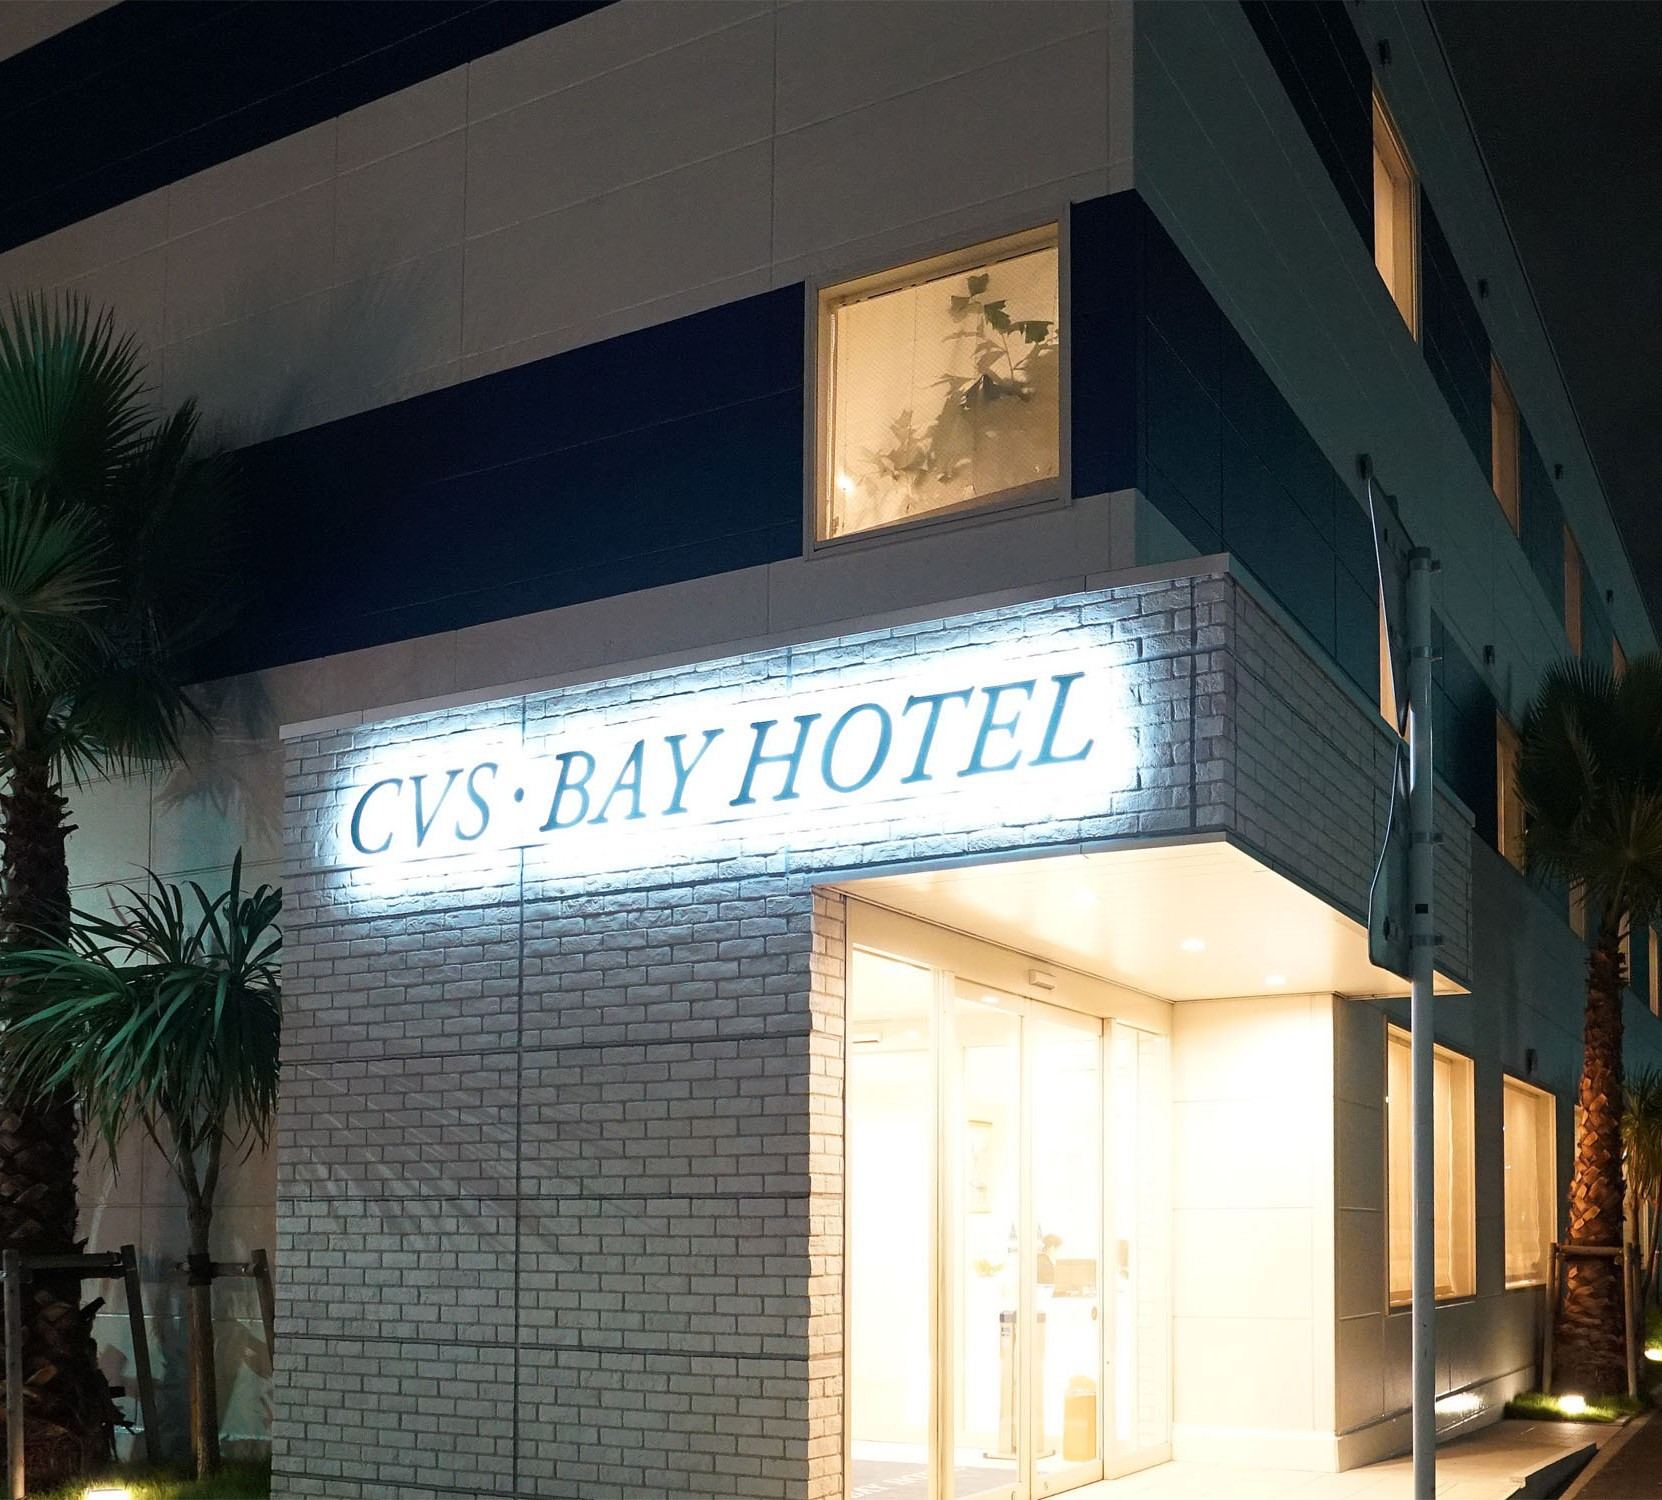 CVS・BAY HOTEL 新館